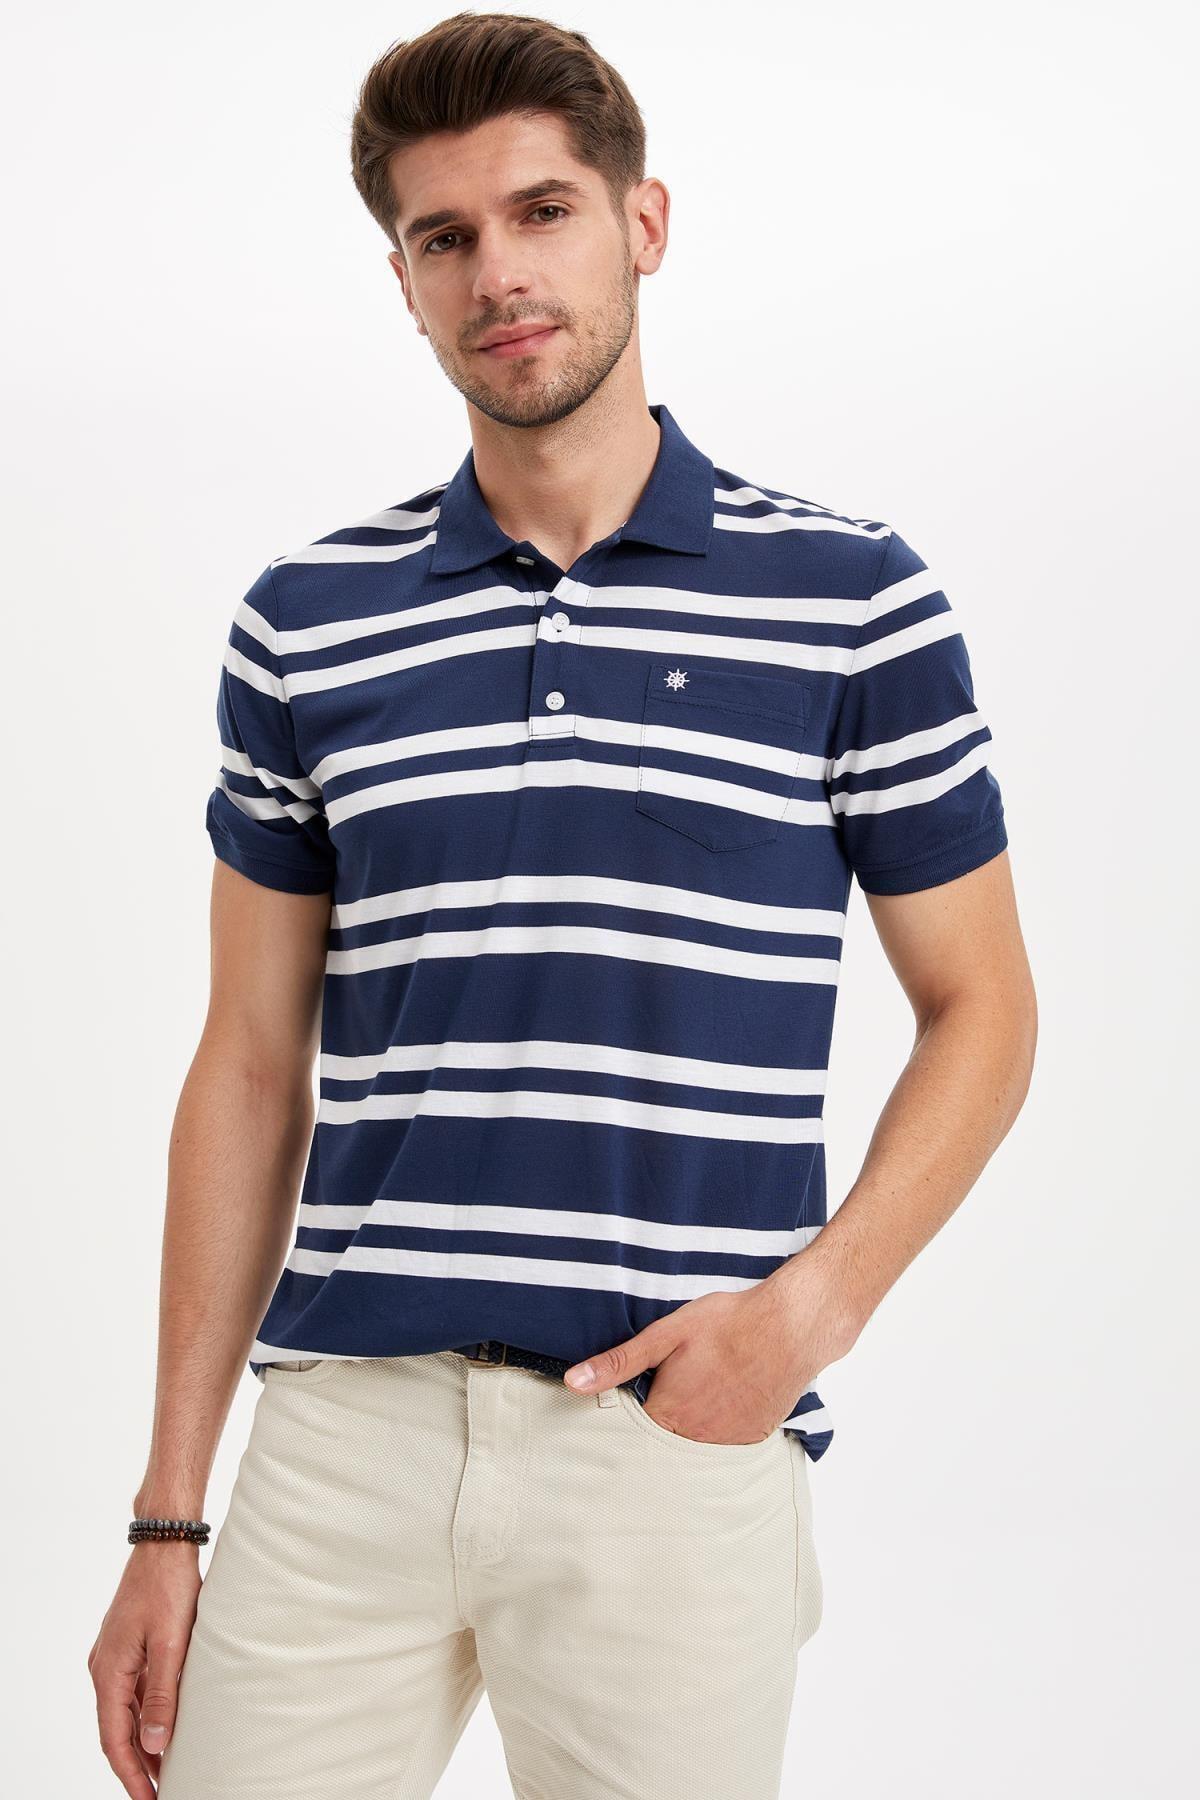 Erkek İndigo Regular Fit Polo Yaka Çizgili Kısa Kollu Tişört